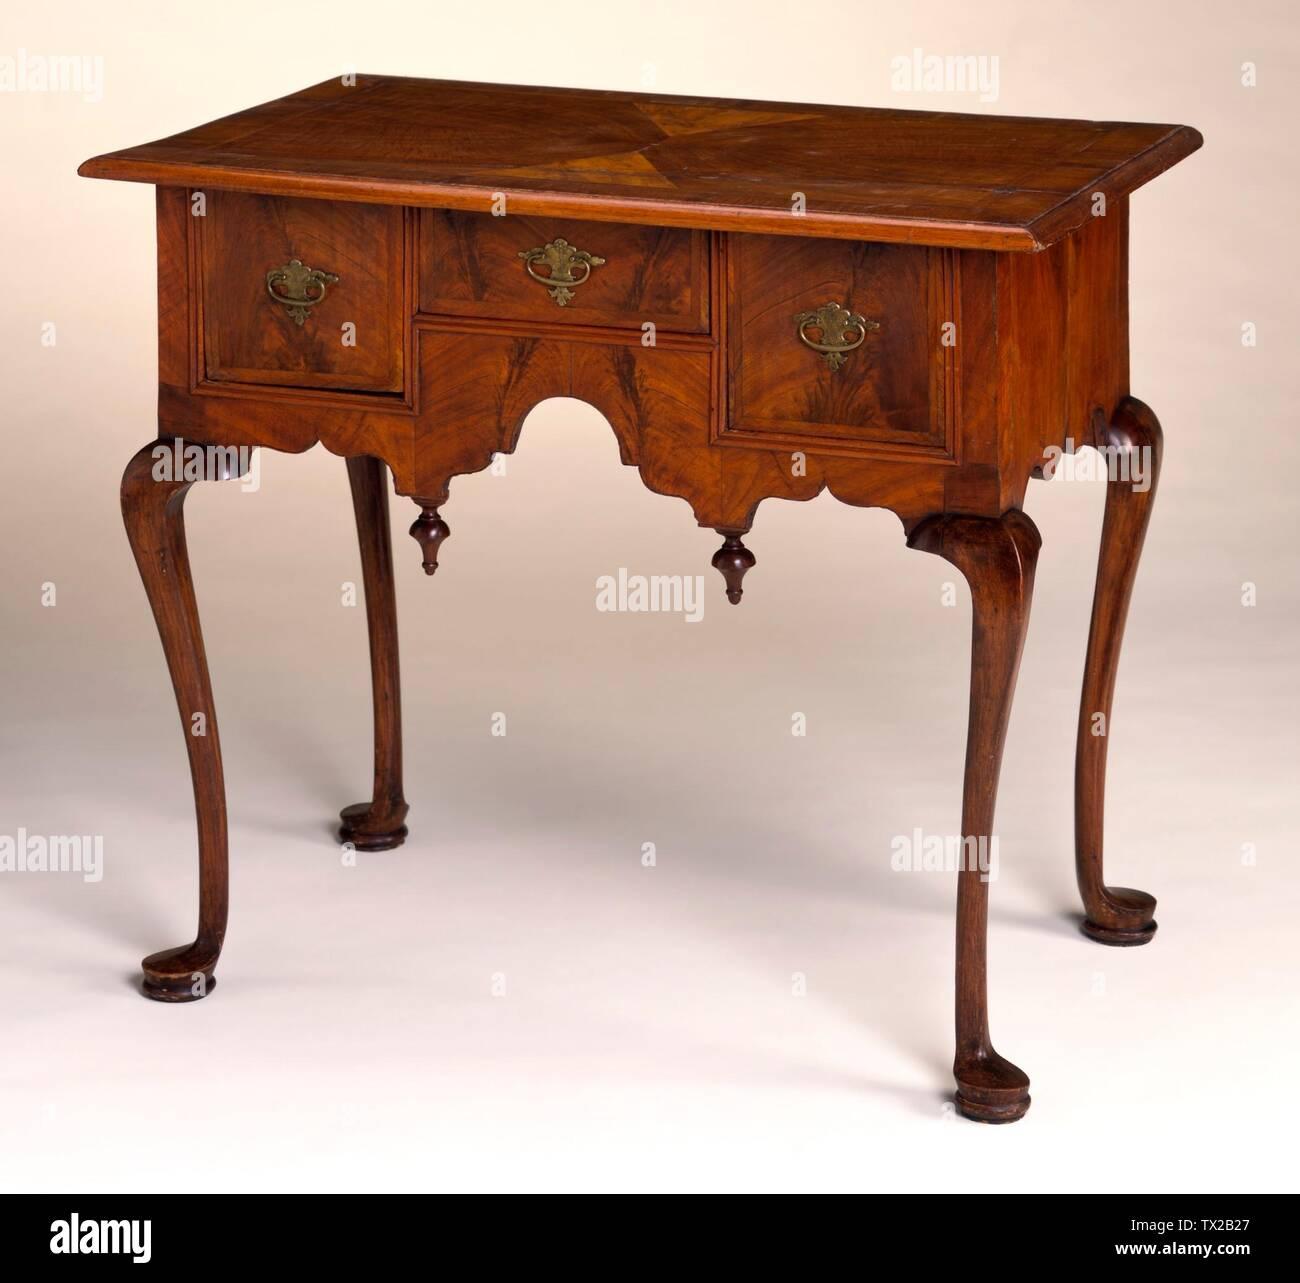 """""""Dressing Mesa con patas Cabriole terminando en pad pies; Inglés: Estados Unidos, Massachusetts, Boston, circa 1730-1750 Muebles; muebles de nogal, arce, pino de chapa 28 x 33 1/2 x 22 5/8 pulg. (71,12 x 93,81 x 57,47 cm) de regalo de la Sra. Murray Braunfeld (M.2006.51.1) Artes Decorativas y diseño; entre circa 1730 y circa 1750 fecha QS:P571,+1750-00-00T00:00:00Z/7,P1319,+1730-00-00T00:00:00Z/9,P1326,+1750-00-00T00:00:00Z/9,P1480,Q5727902; ' Imagen De Stock"""